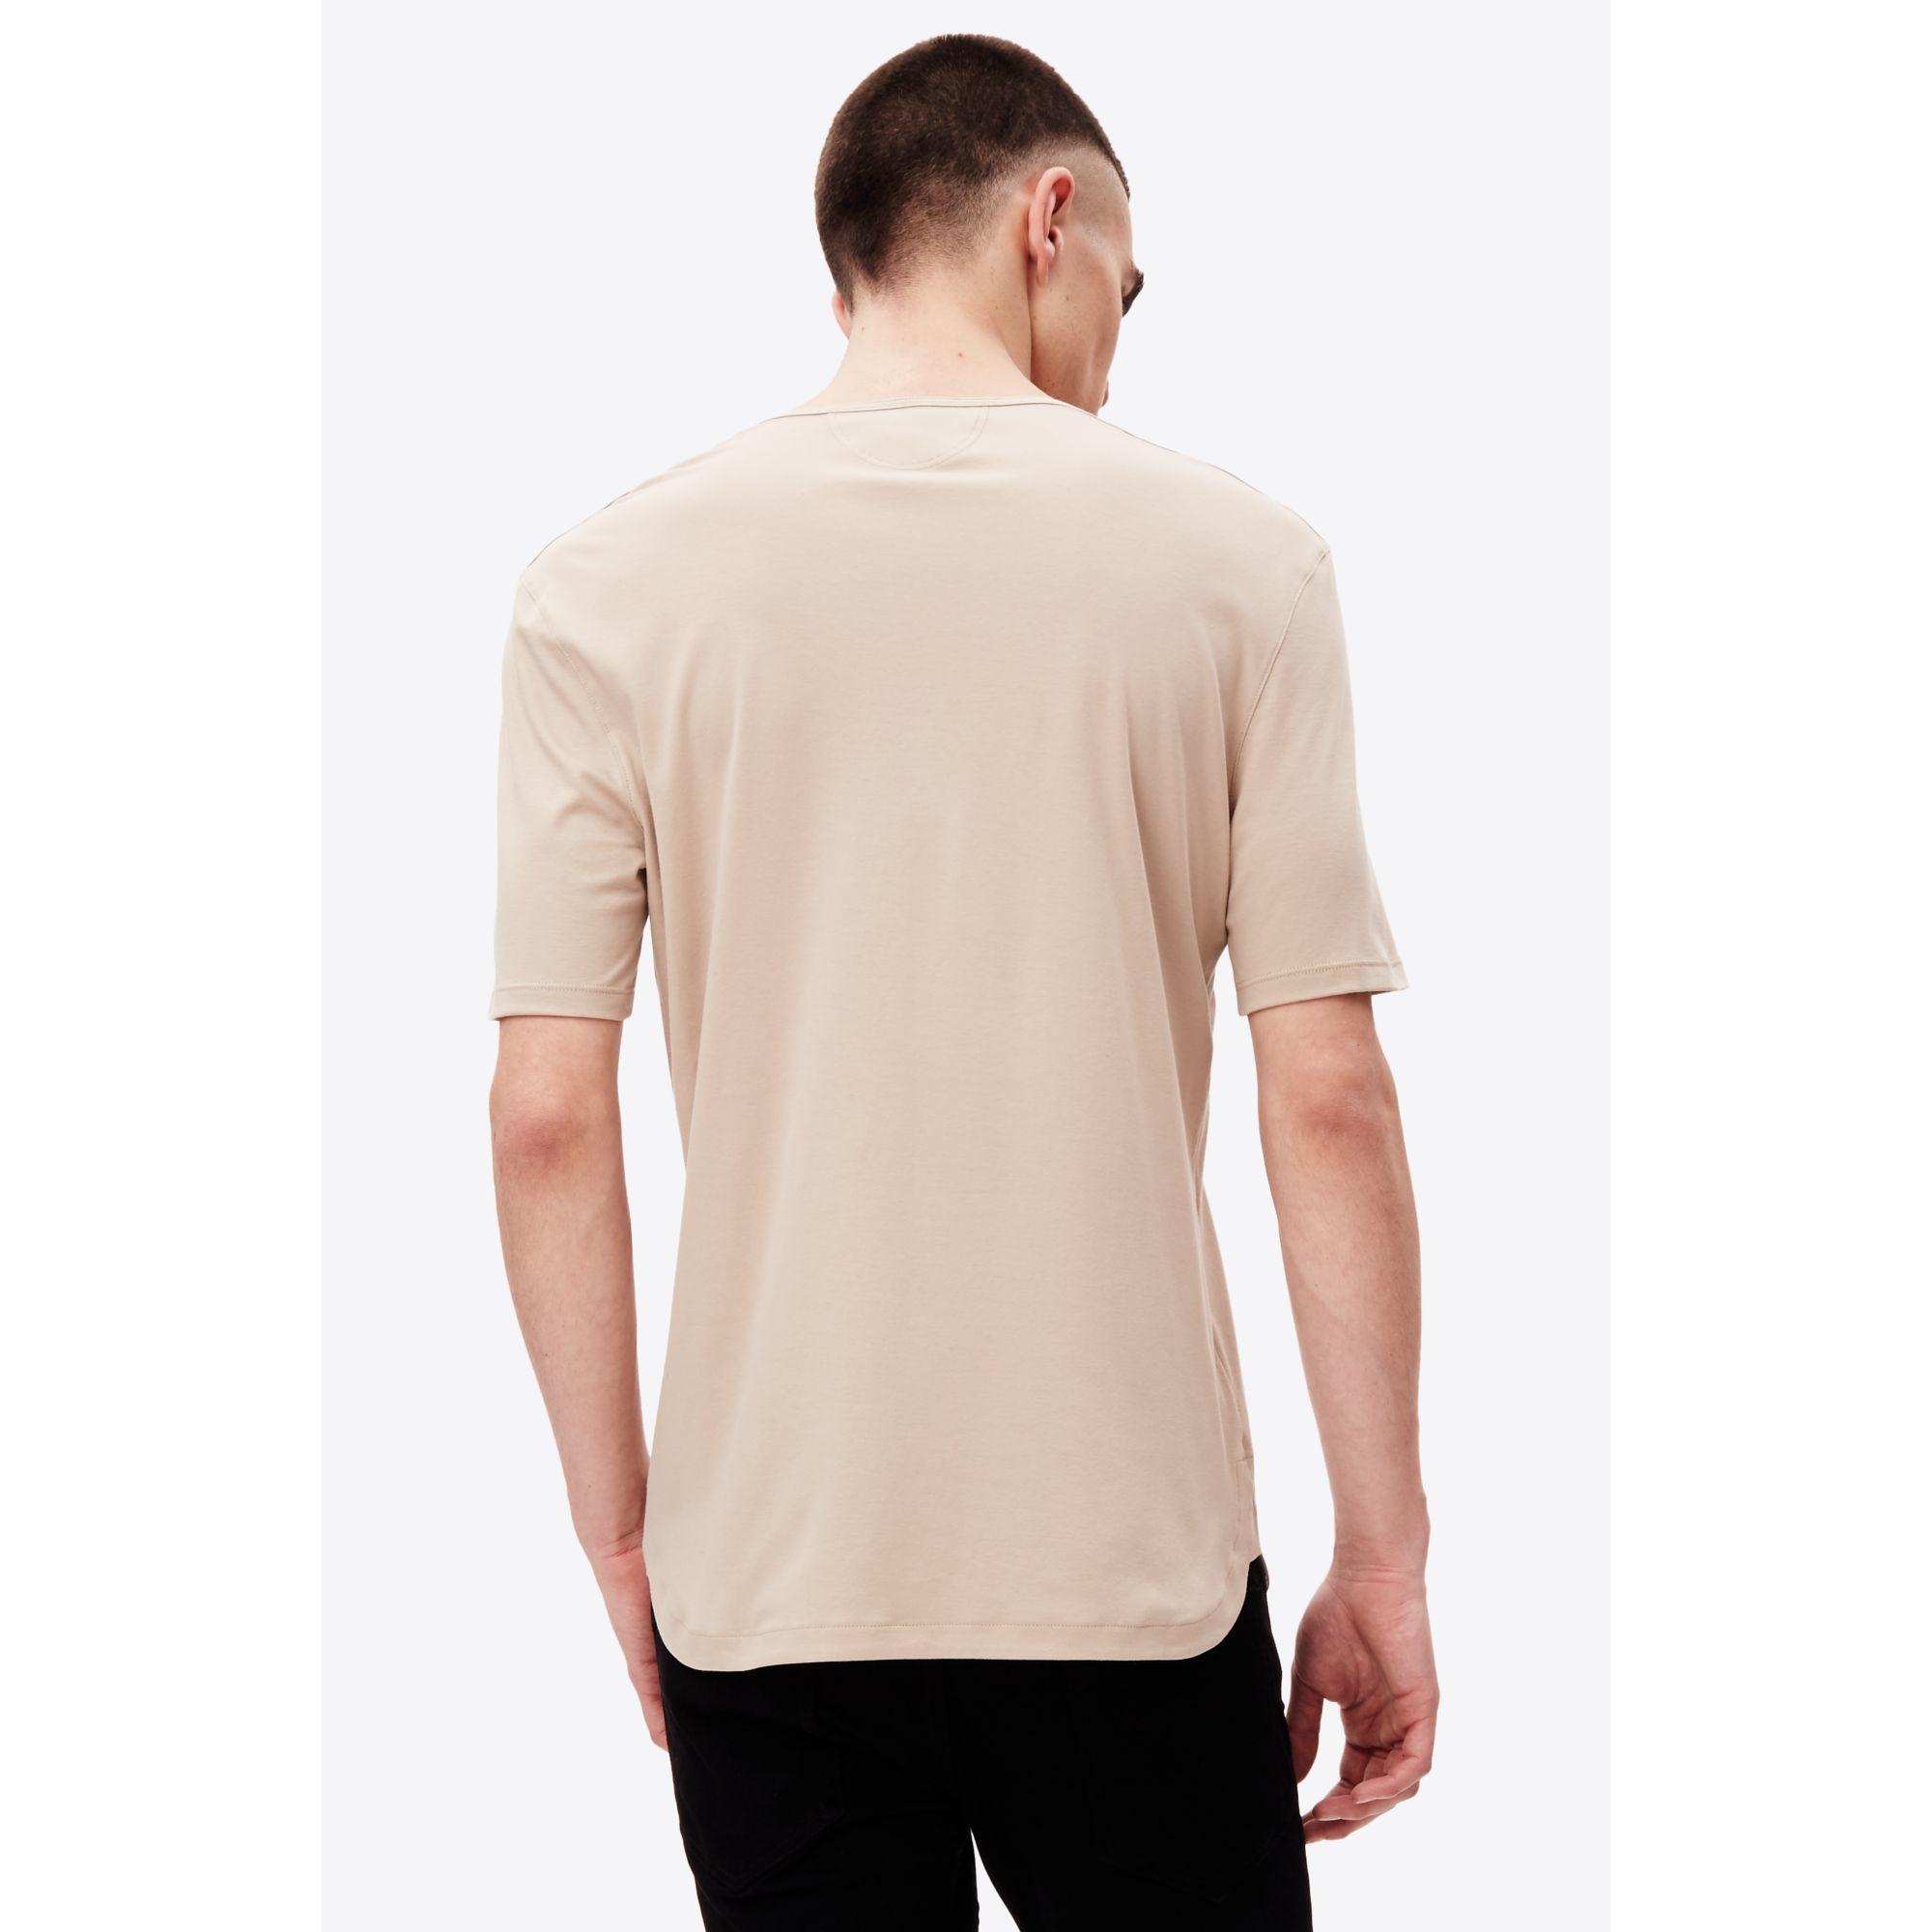 helmut lang short sleeve t shirt in natural for men lyst. Black Bedroom Furniture Sets. Home Design Ideas